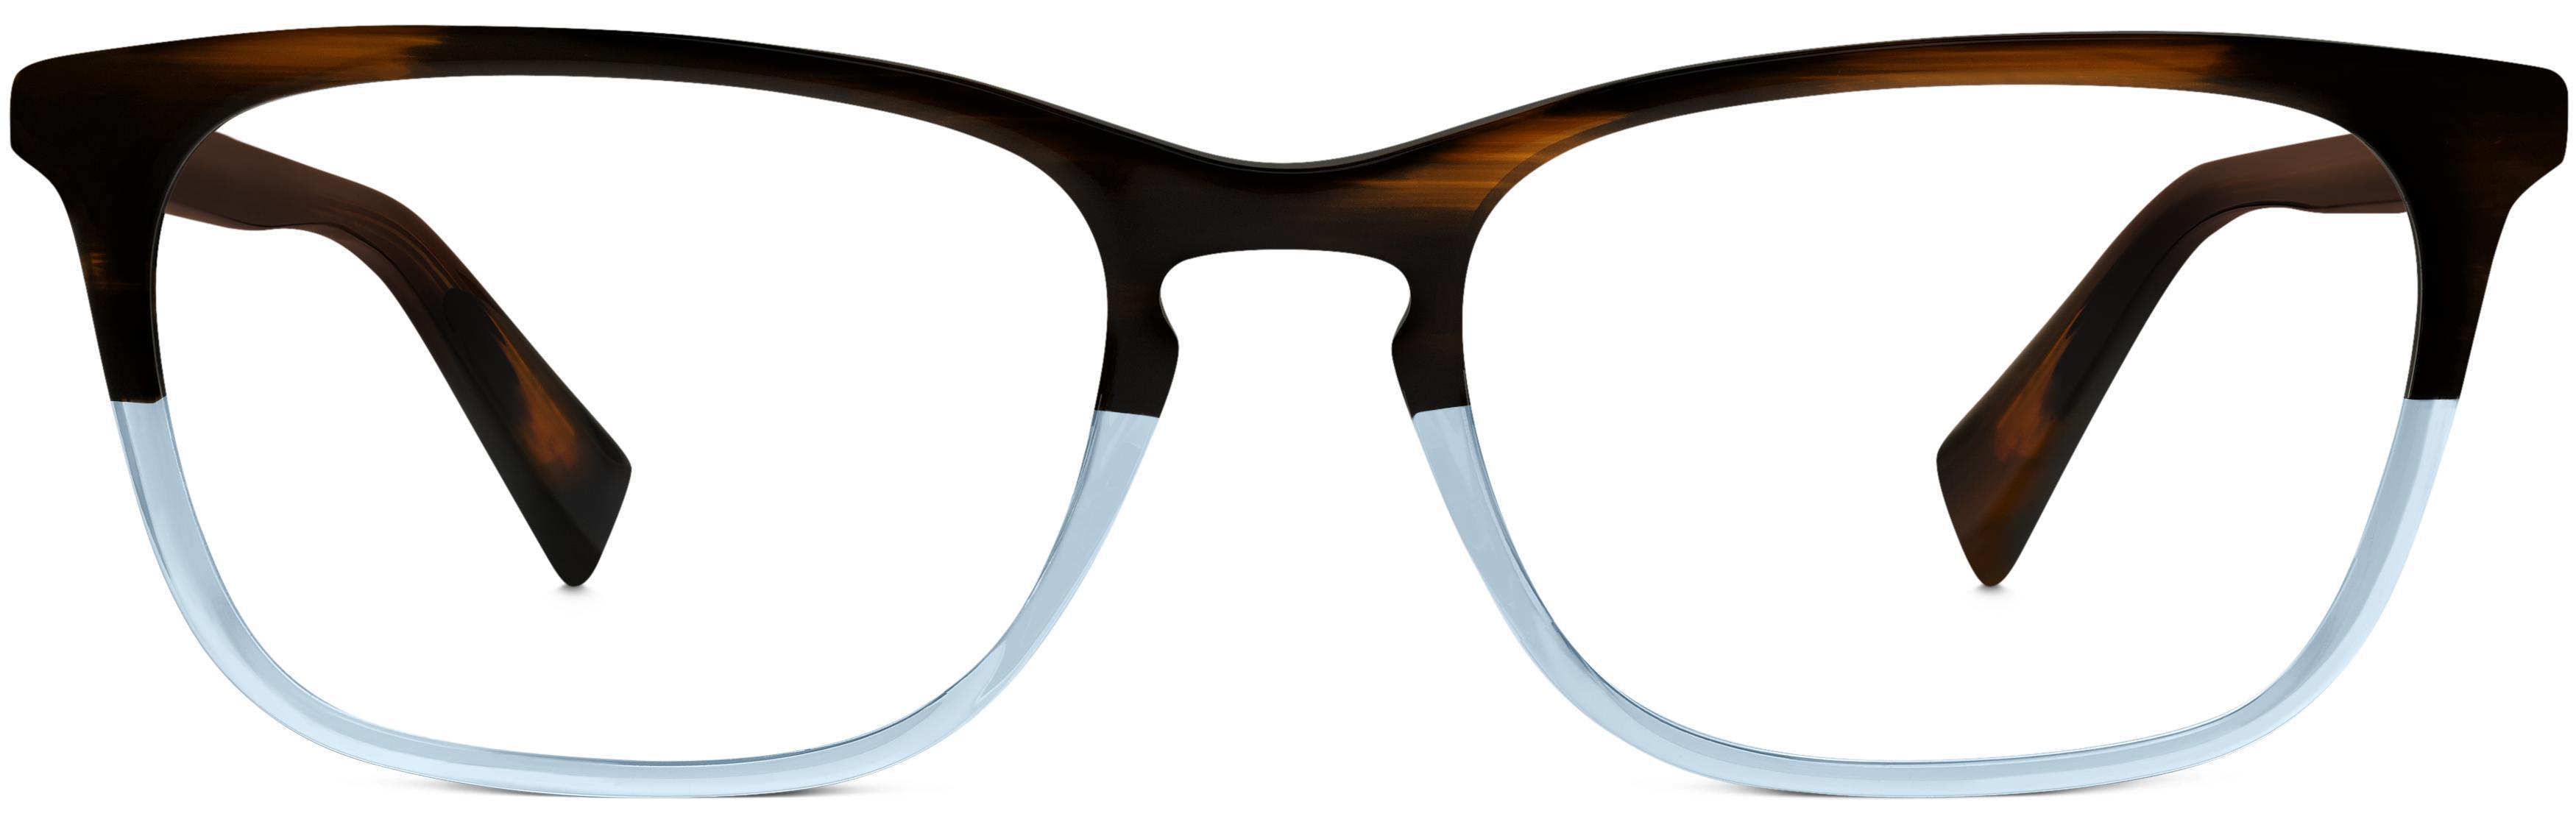 ffacf34ea239 Women's Eyeglasses | Warby Parker